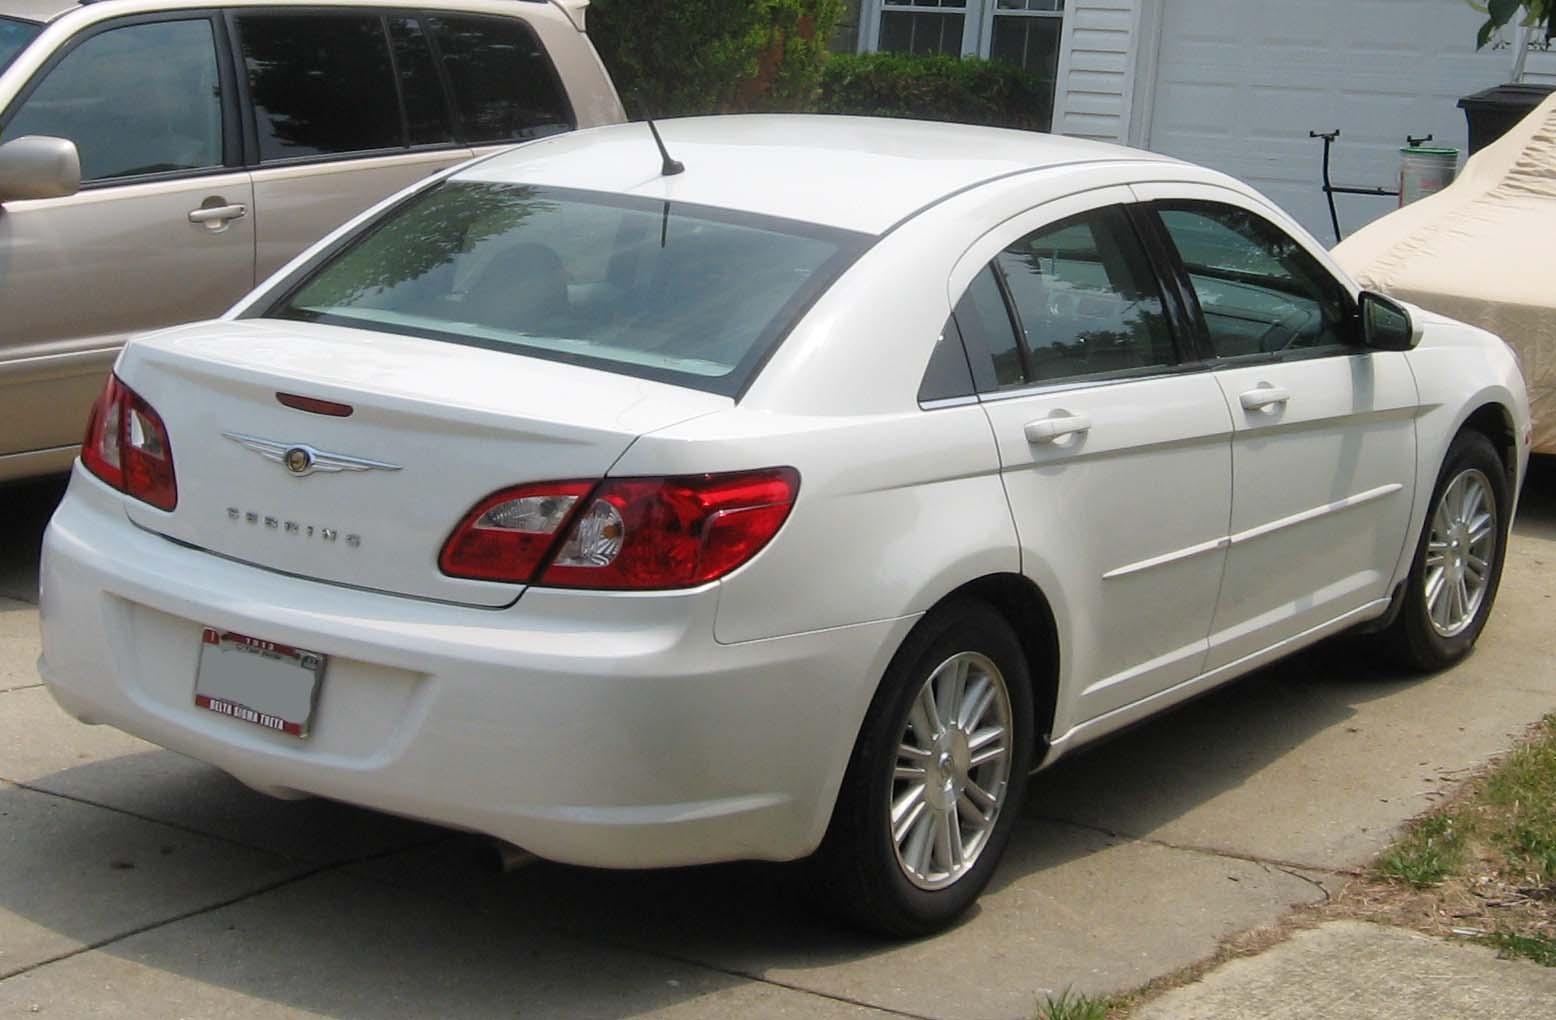 File 07 Chrysler Sebring Sedan Rear Jpg